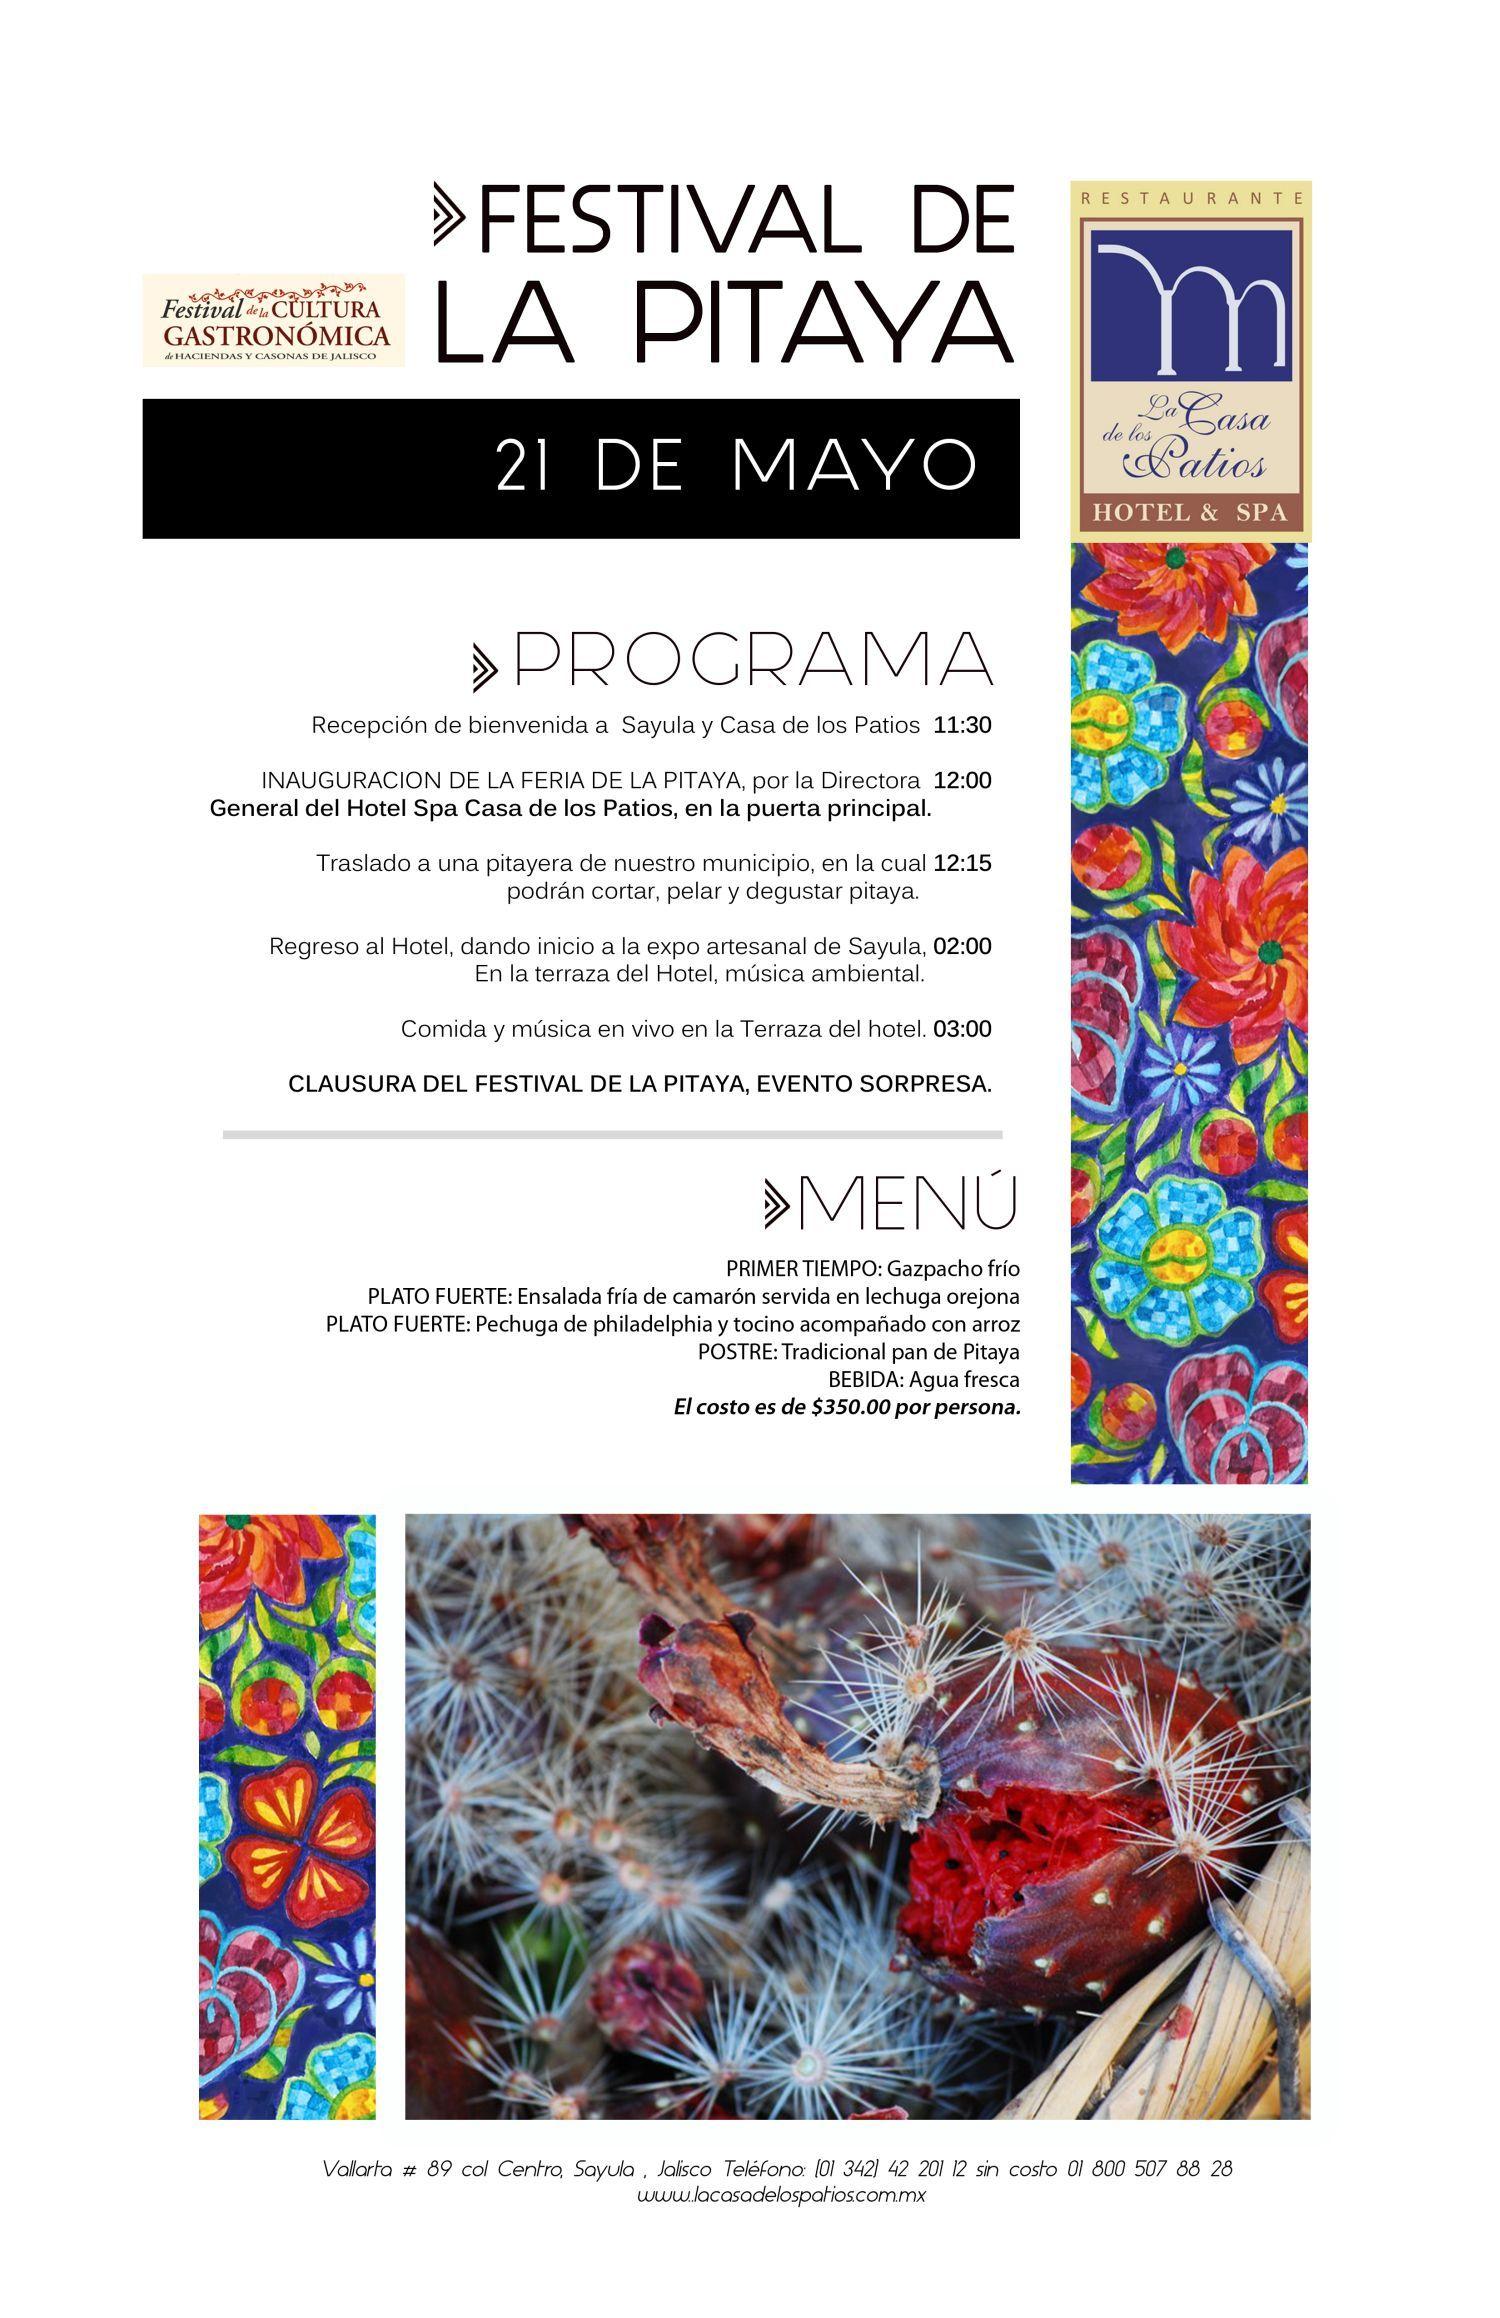 Festival de la Pitaya en Sayula 2016 | Curiosidades Gastronómicas